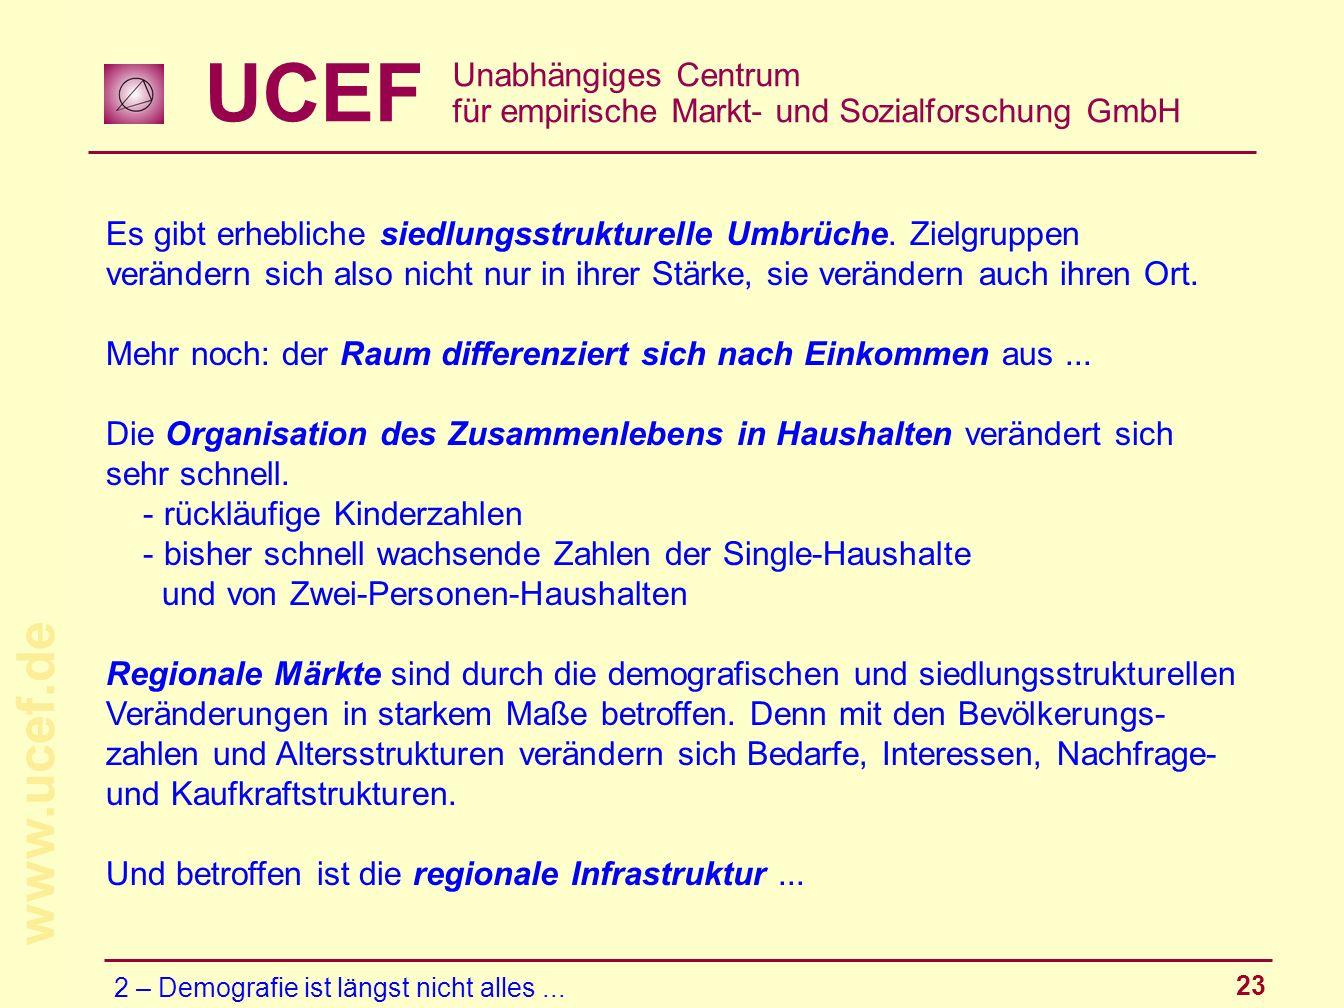 UCEF Unabhängiges Centrum für empirische Markt- und Sozialforschung GmbH www.ucef.de 23 Es gibt erhebliche siedlungsstrukturelle Umbrüche. Zielgruppen